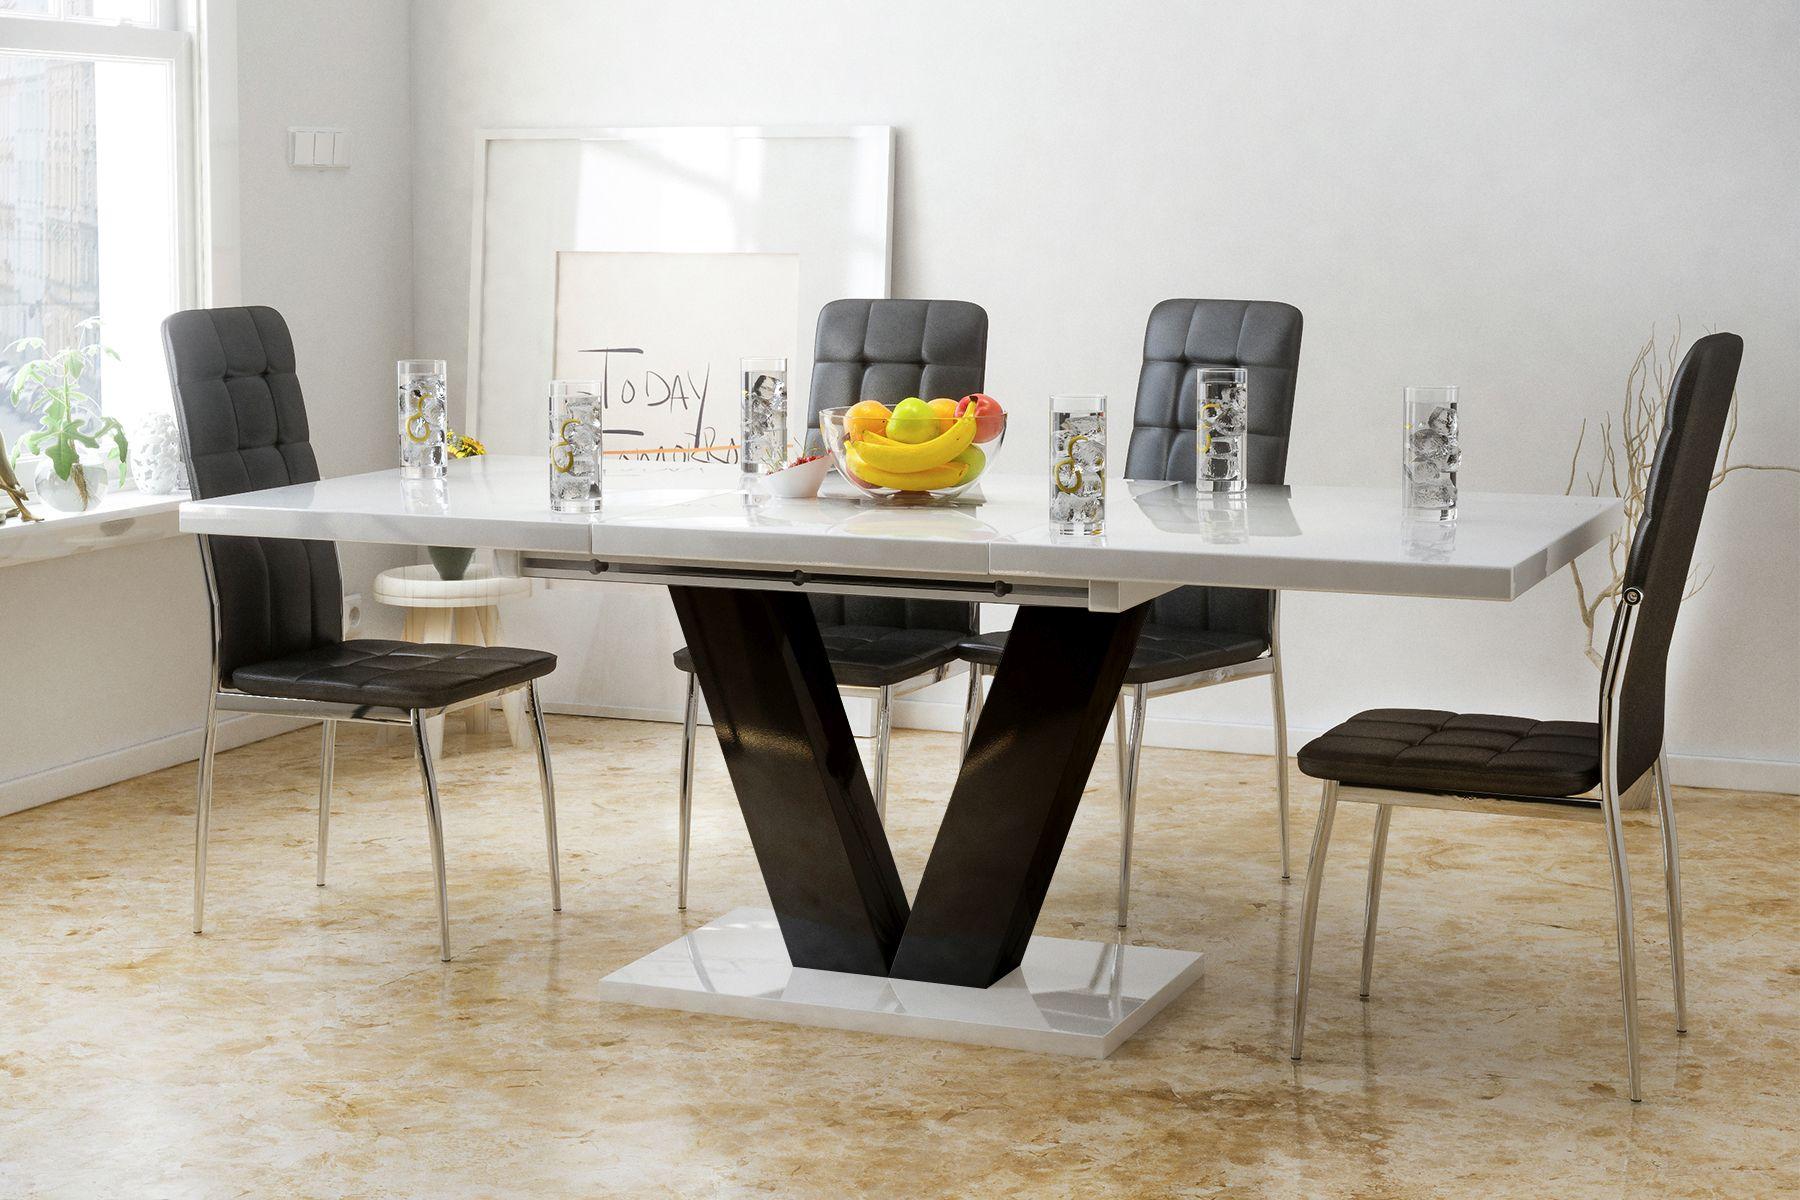 Estilo Moderno Contemporáneo De Lujo 4 Plazas Muebles De Cocina ...